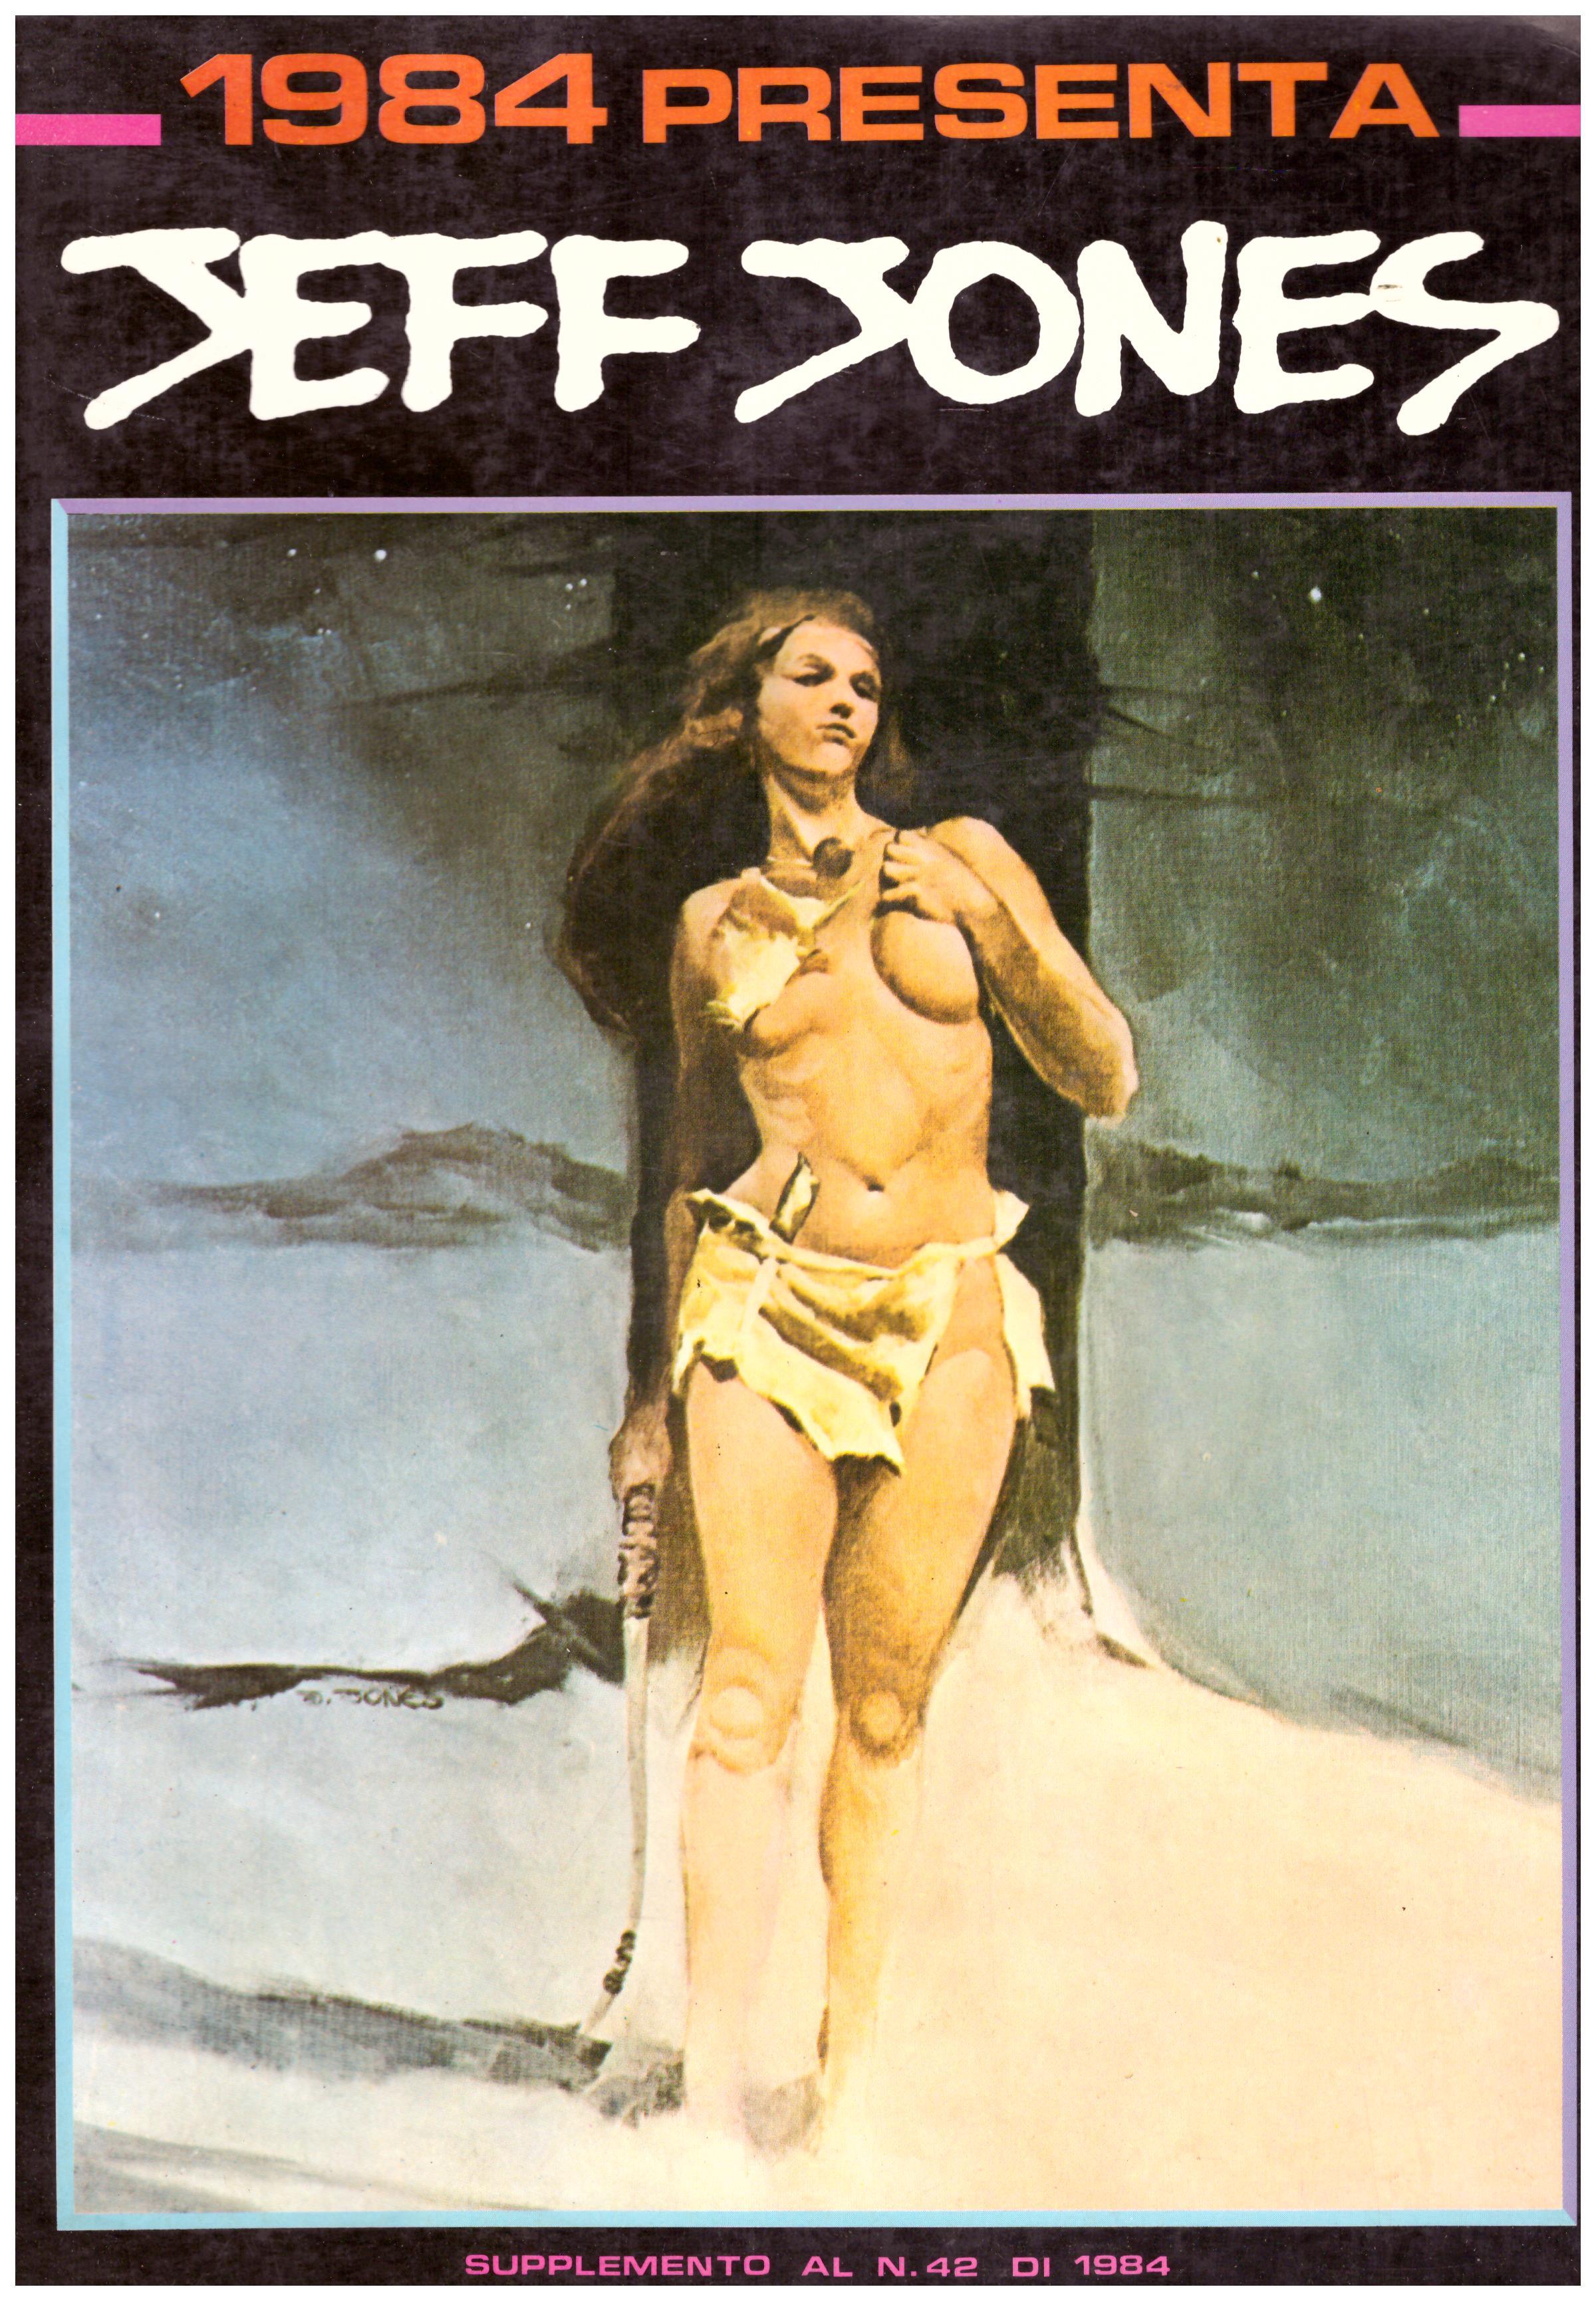 Titolo: 1984 presenta Jeff Jones Autore: AA.VV.  Editore: 1984